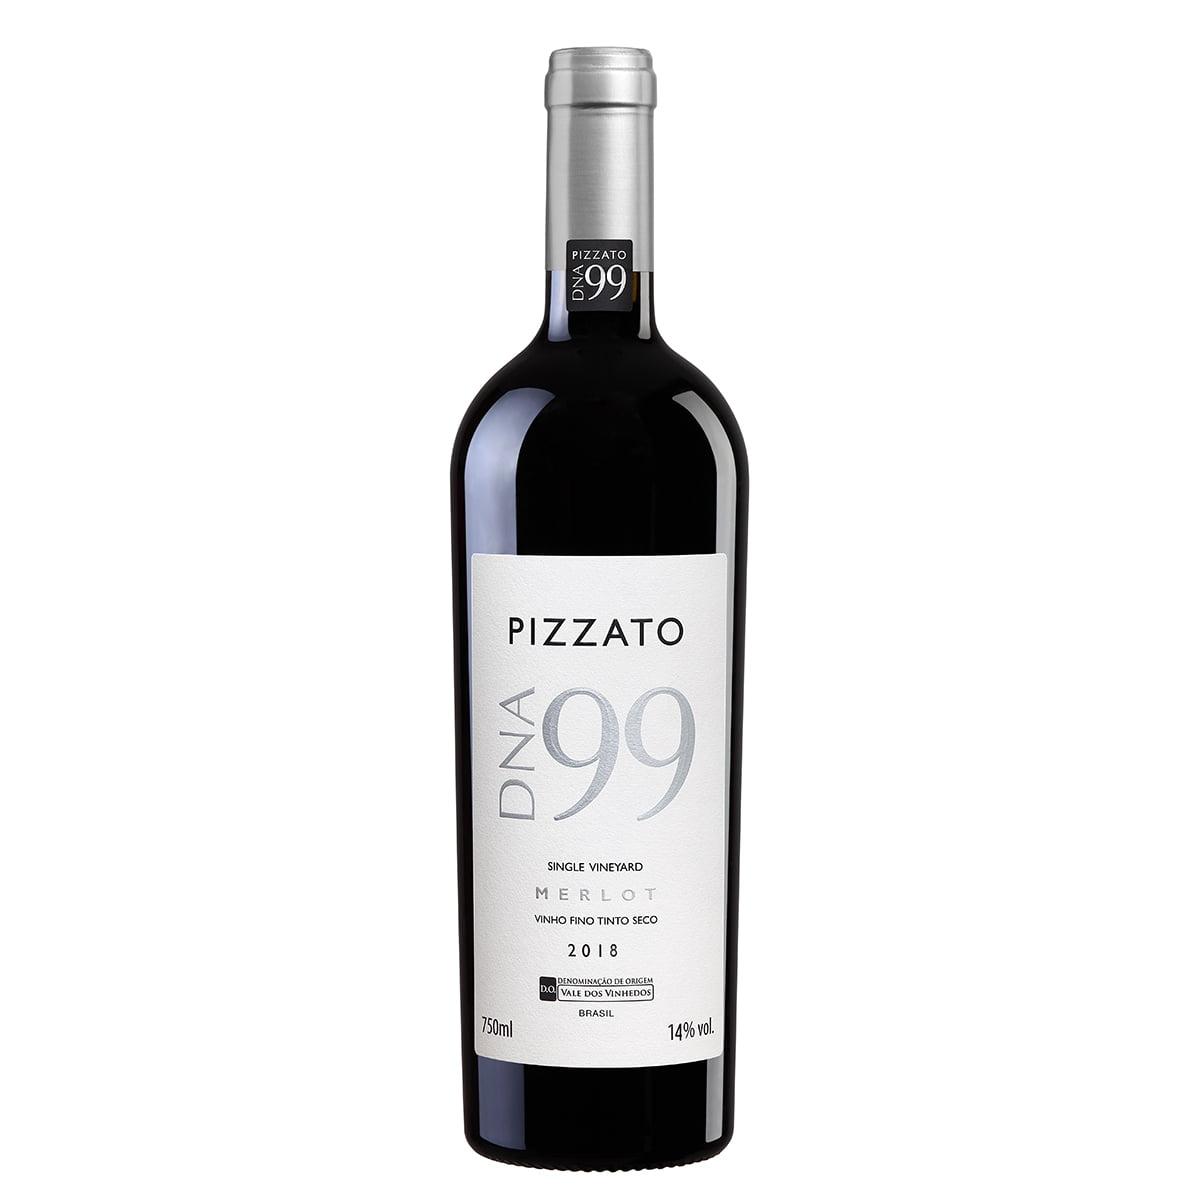 Vinho Pizzato DNA 99 Safra 2018 Merlot Tinto Seco 750ml